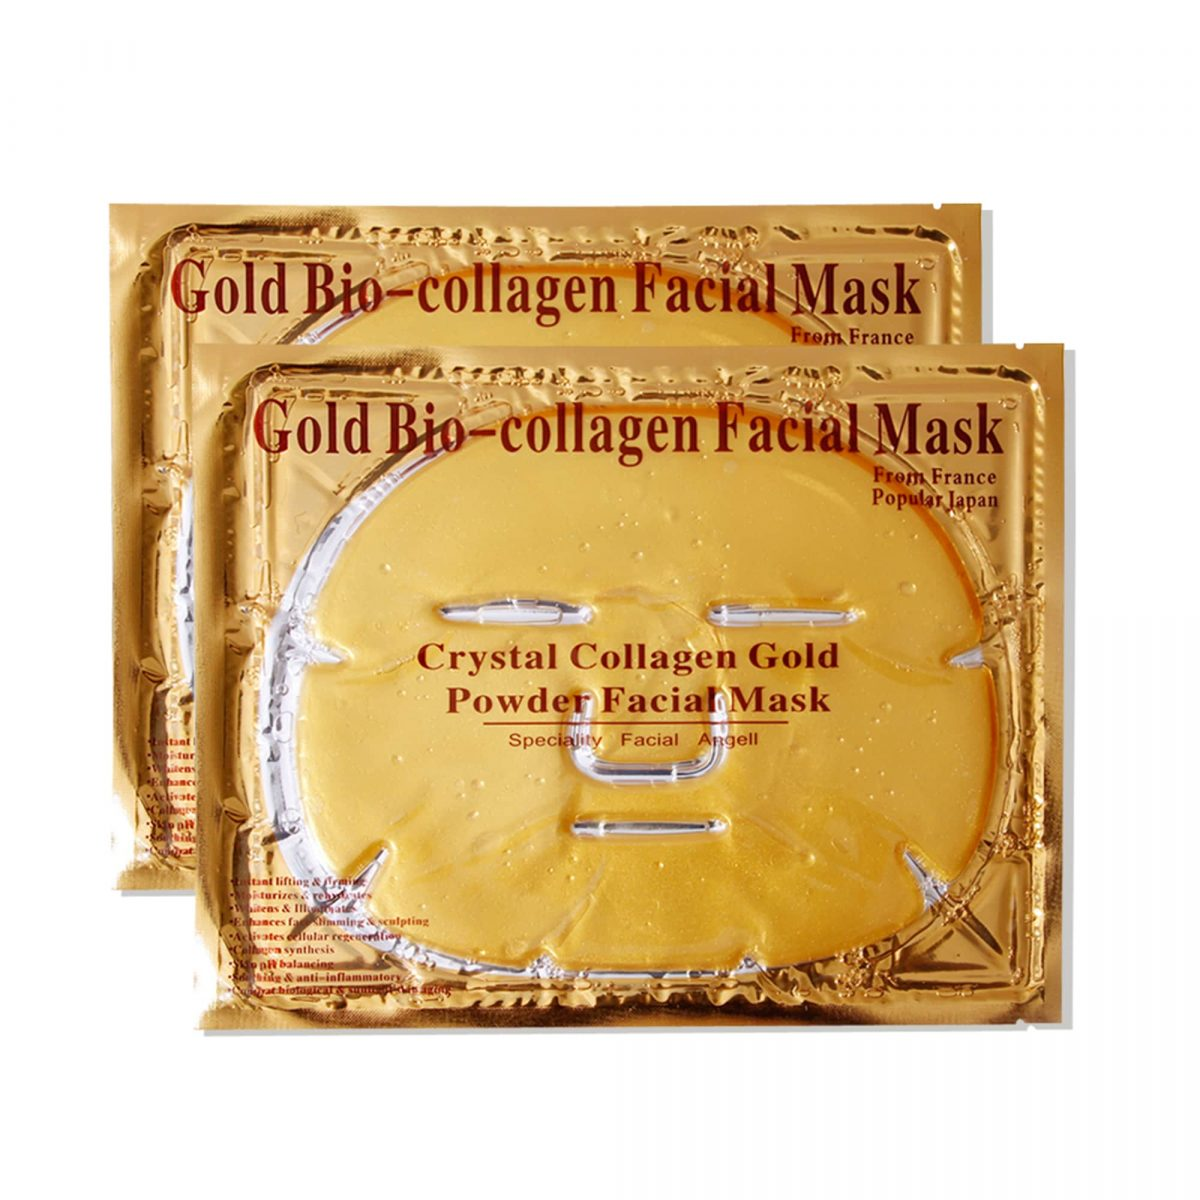 ماسک طلا و کلاژن گلد کامل صورت